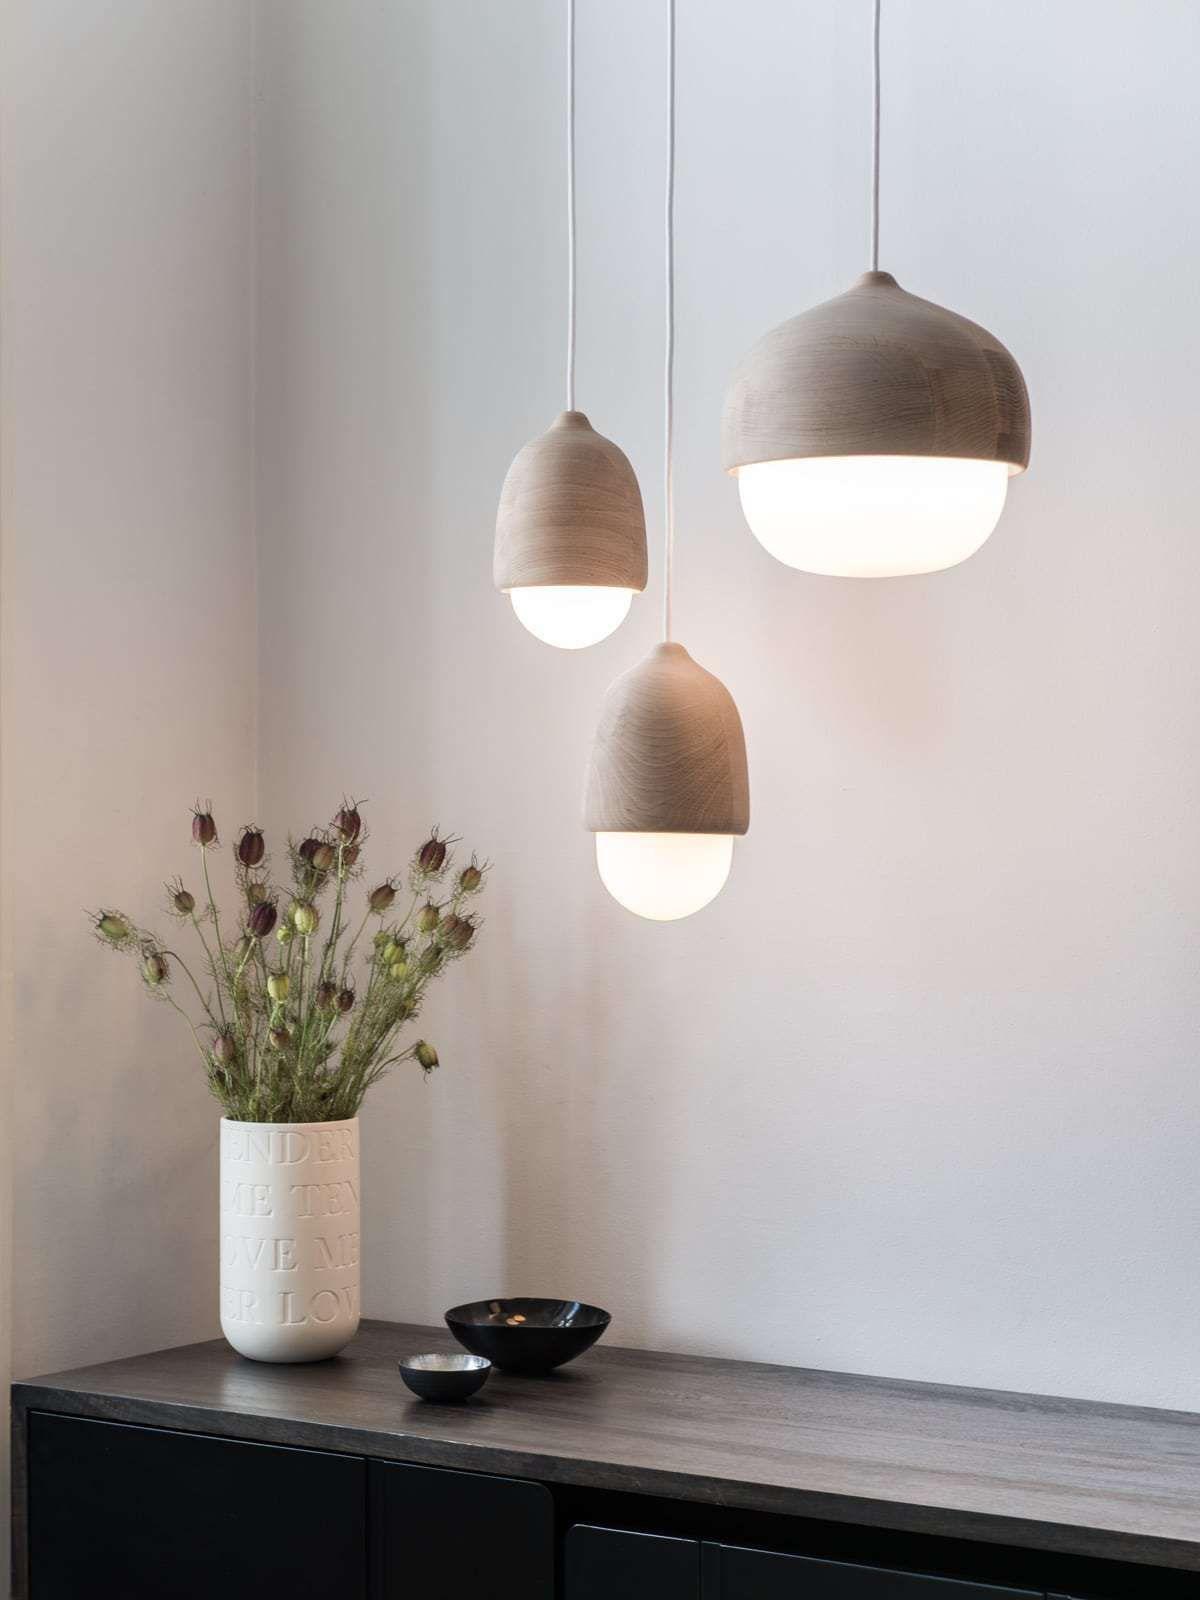 TERHO Medium An | Pinterest | Nachhaltig, Leuchten und Handarbeiten